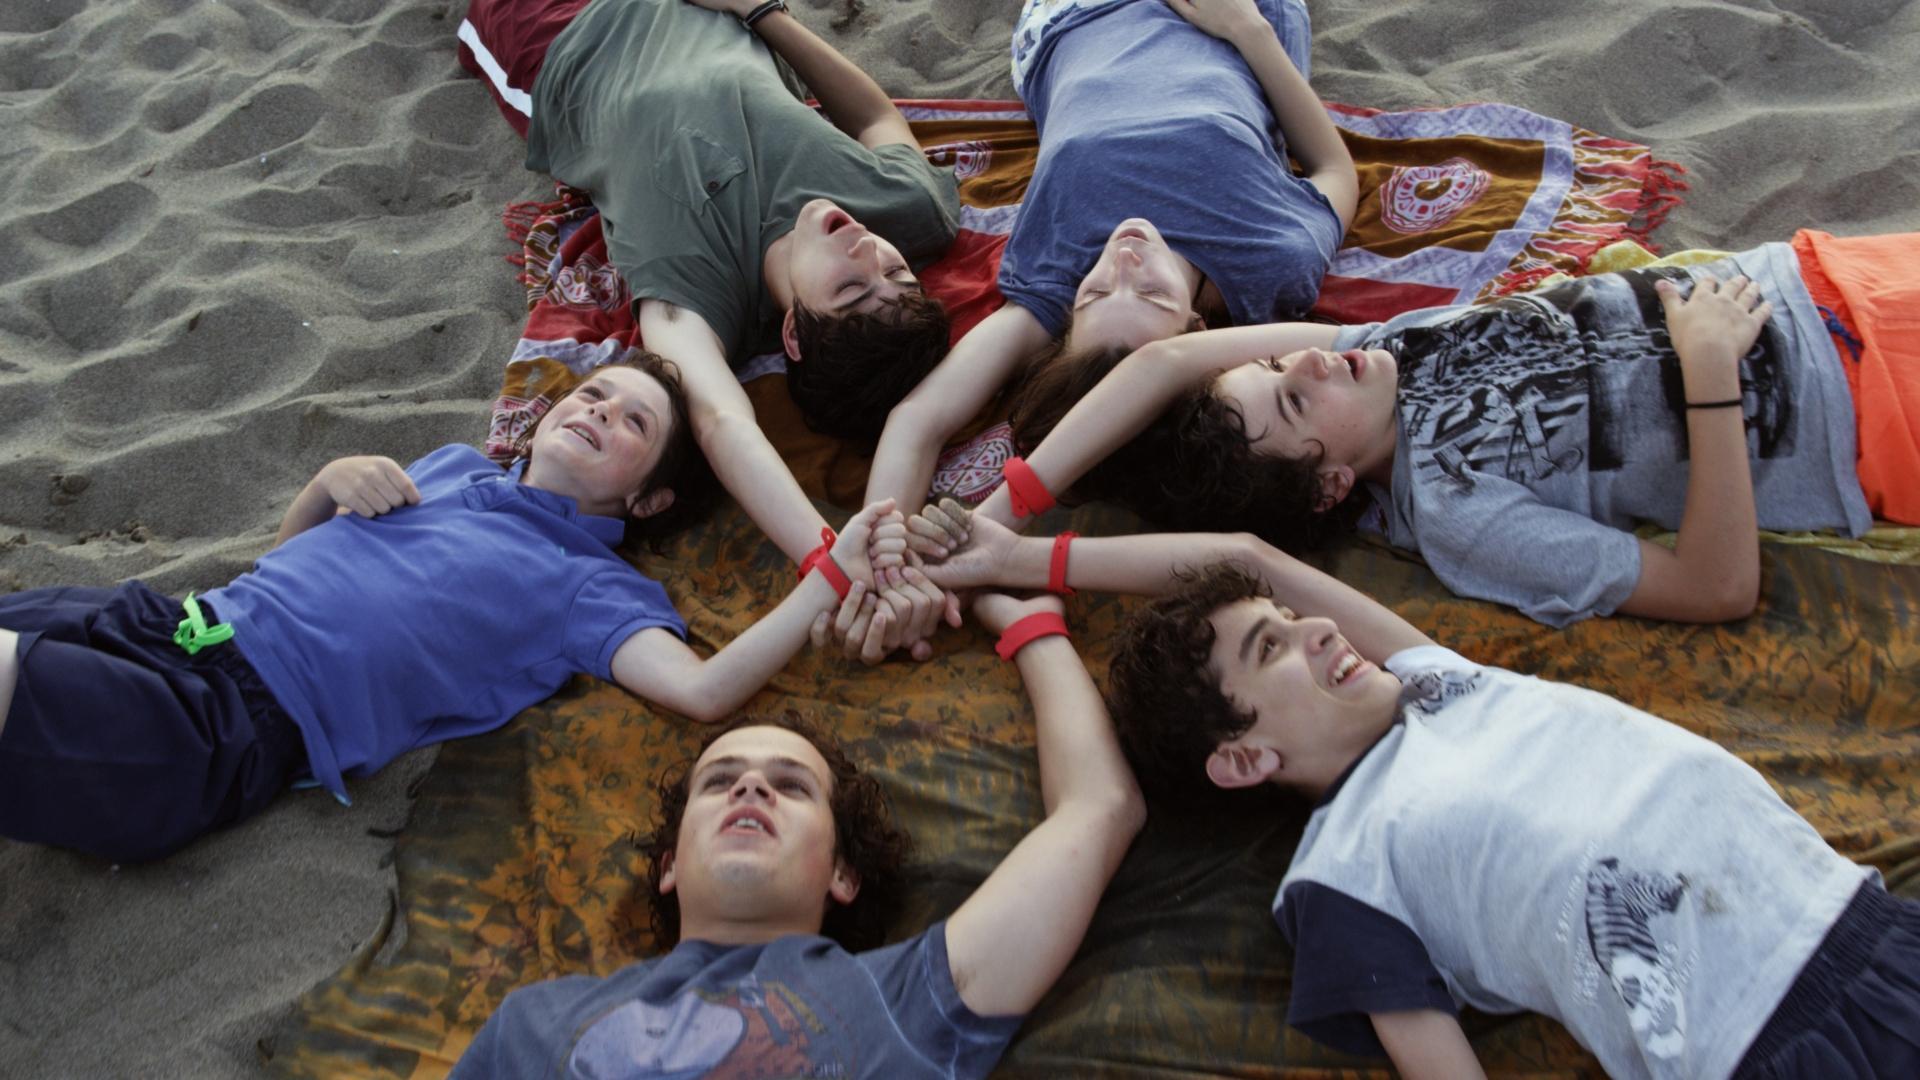 braccialetti rossi serie tv